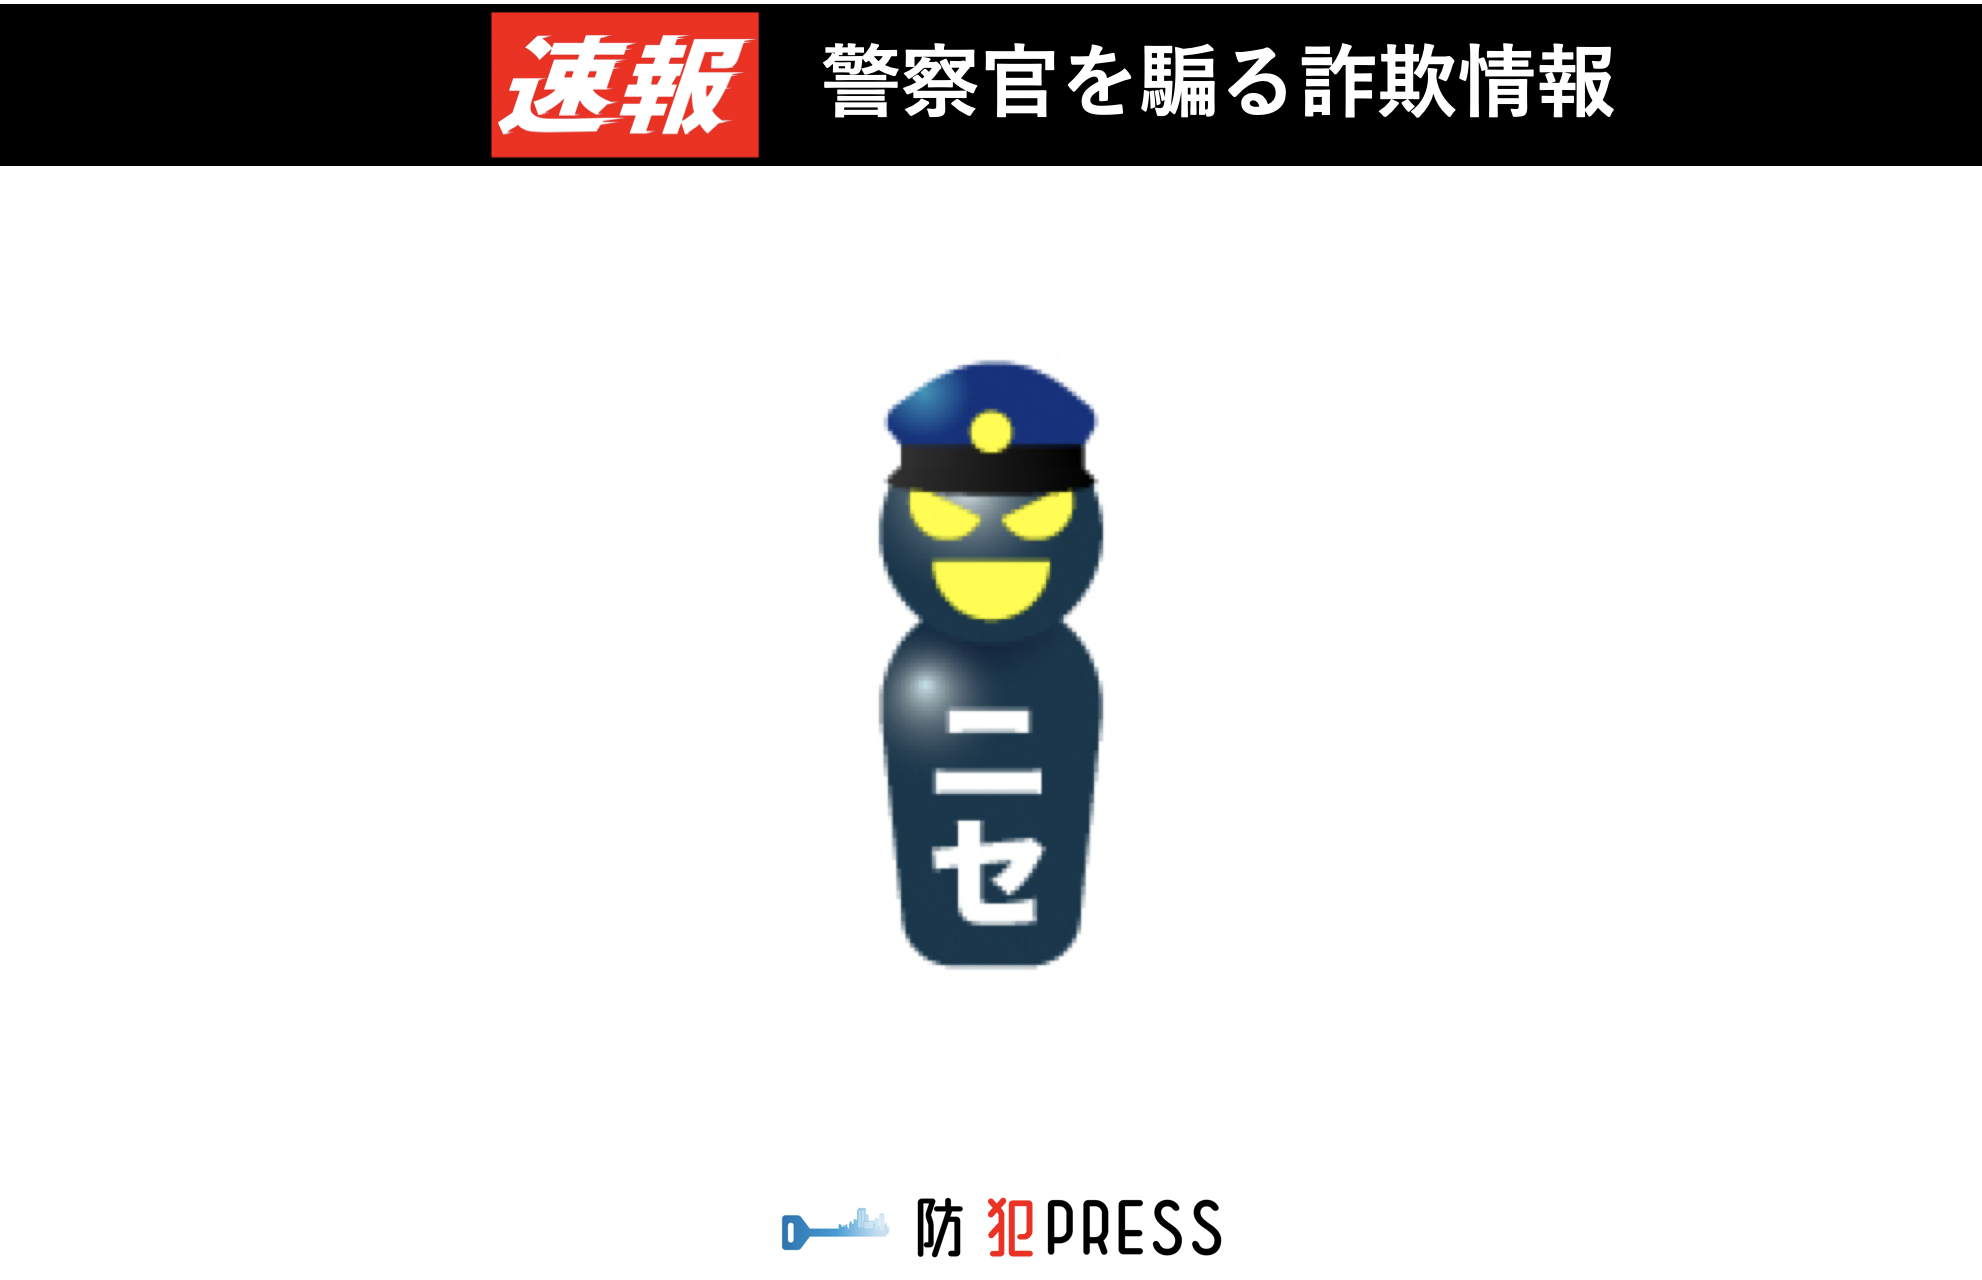 けいたくん防犯情報:詐欺の偽電話発生中